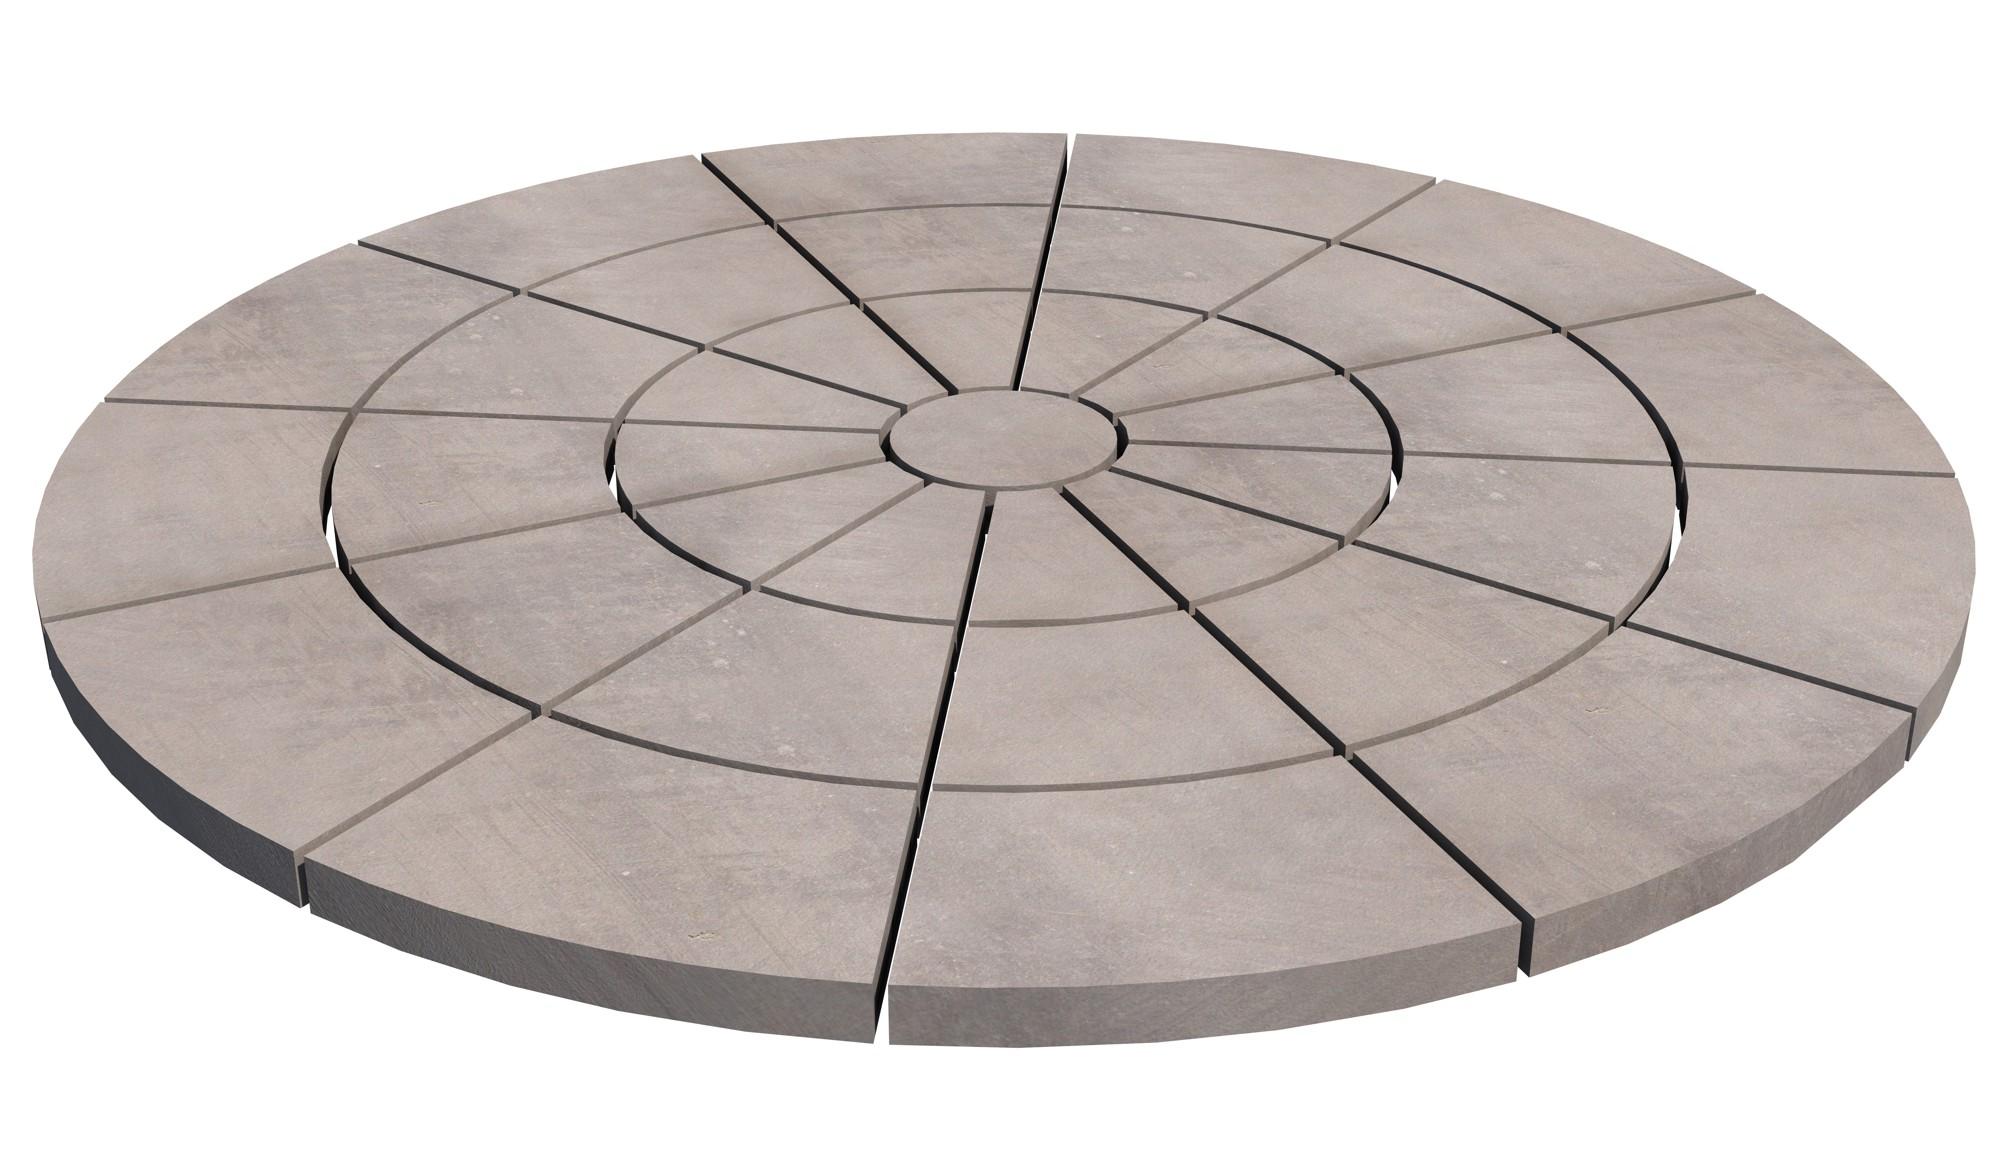 Kehäkivi MIX ympyrä Ø 2840 mm 36 kpl betoni tummanharmaa